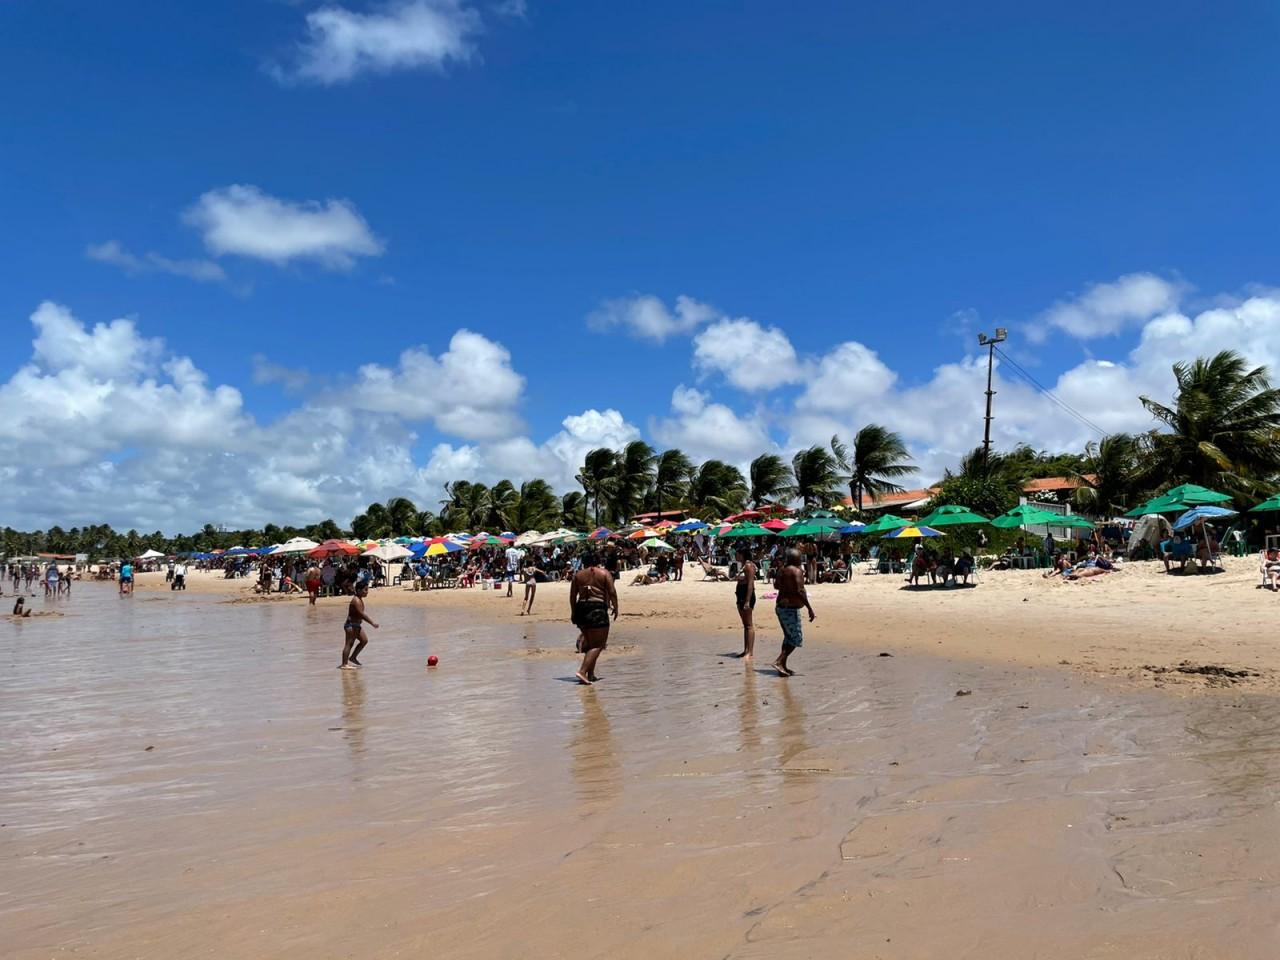 WhatsApp Image 2021 09 07 at 11.11.58 - LONGE DAS MANIFESTAÇÕES: Praias de JP registram grande acúmulo de pessoas neste feriado